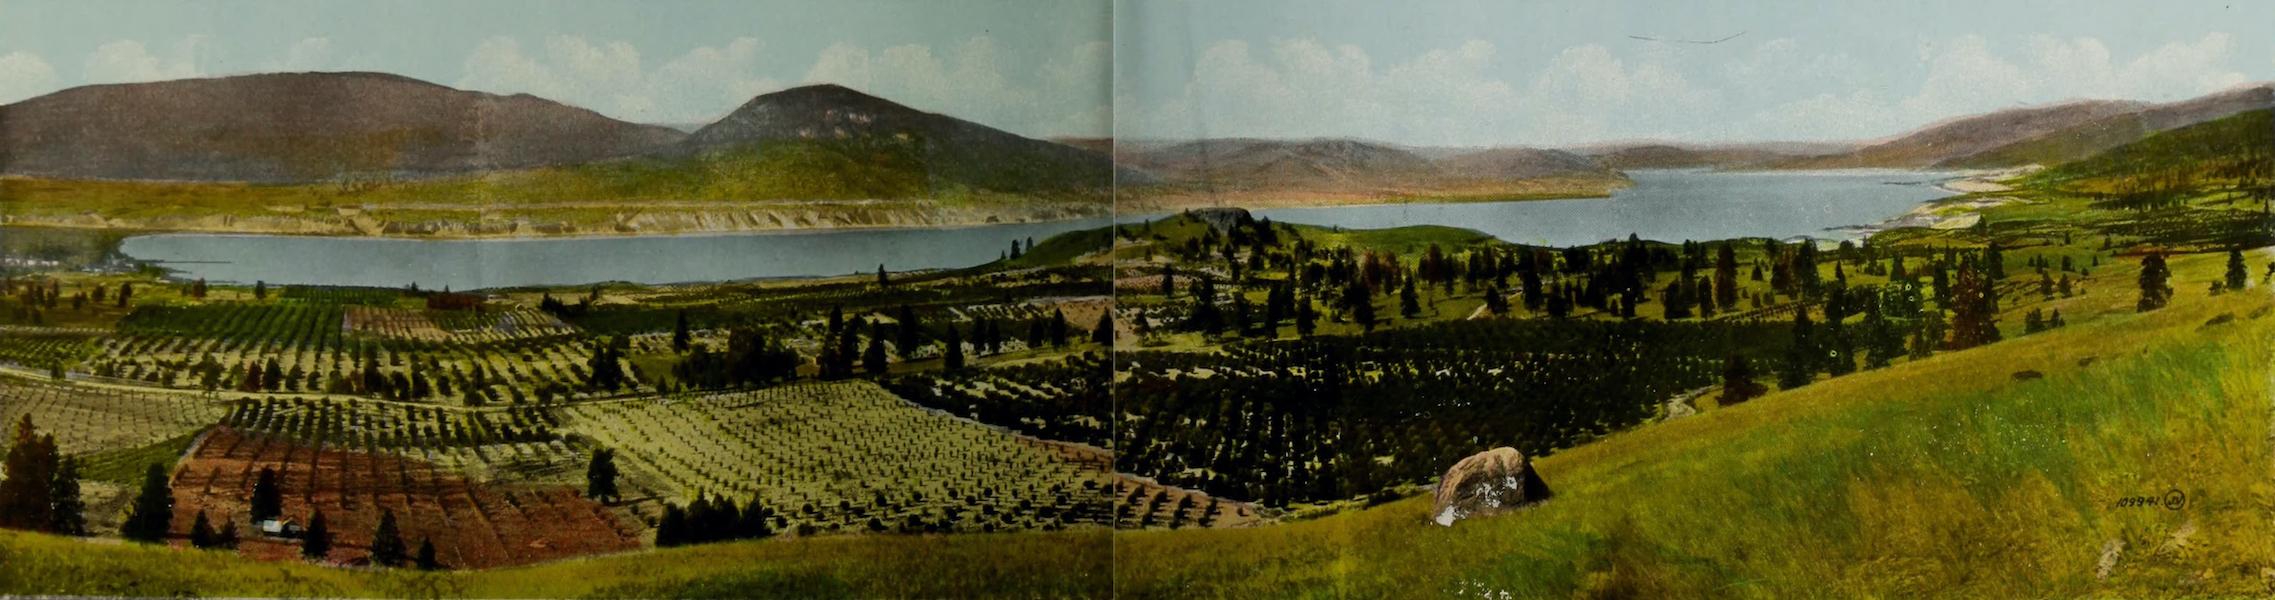 Picturesque Okanagan - The Beaches and Okanagan Lake, Penticton, B.C. (1910)